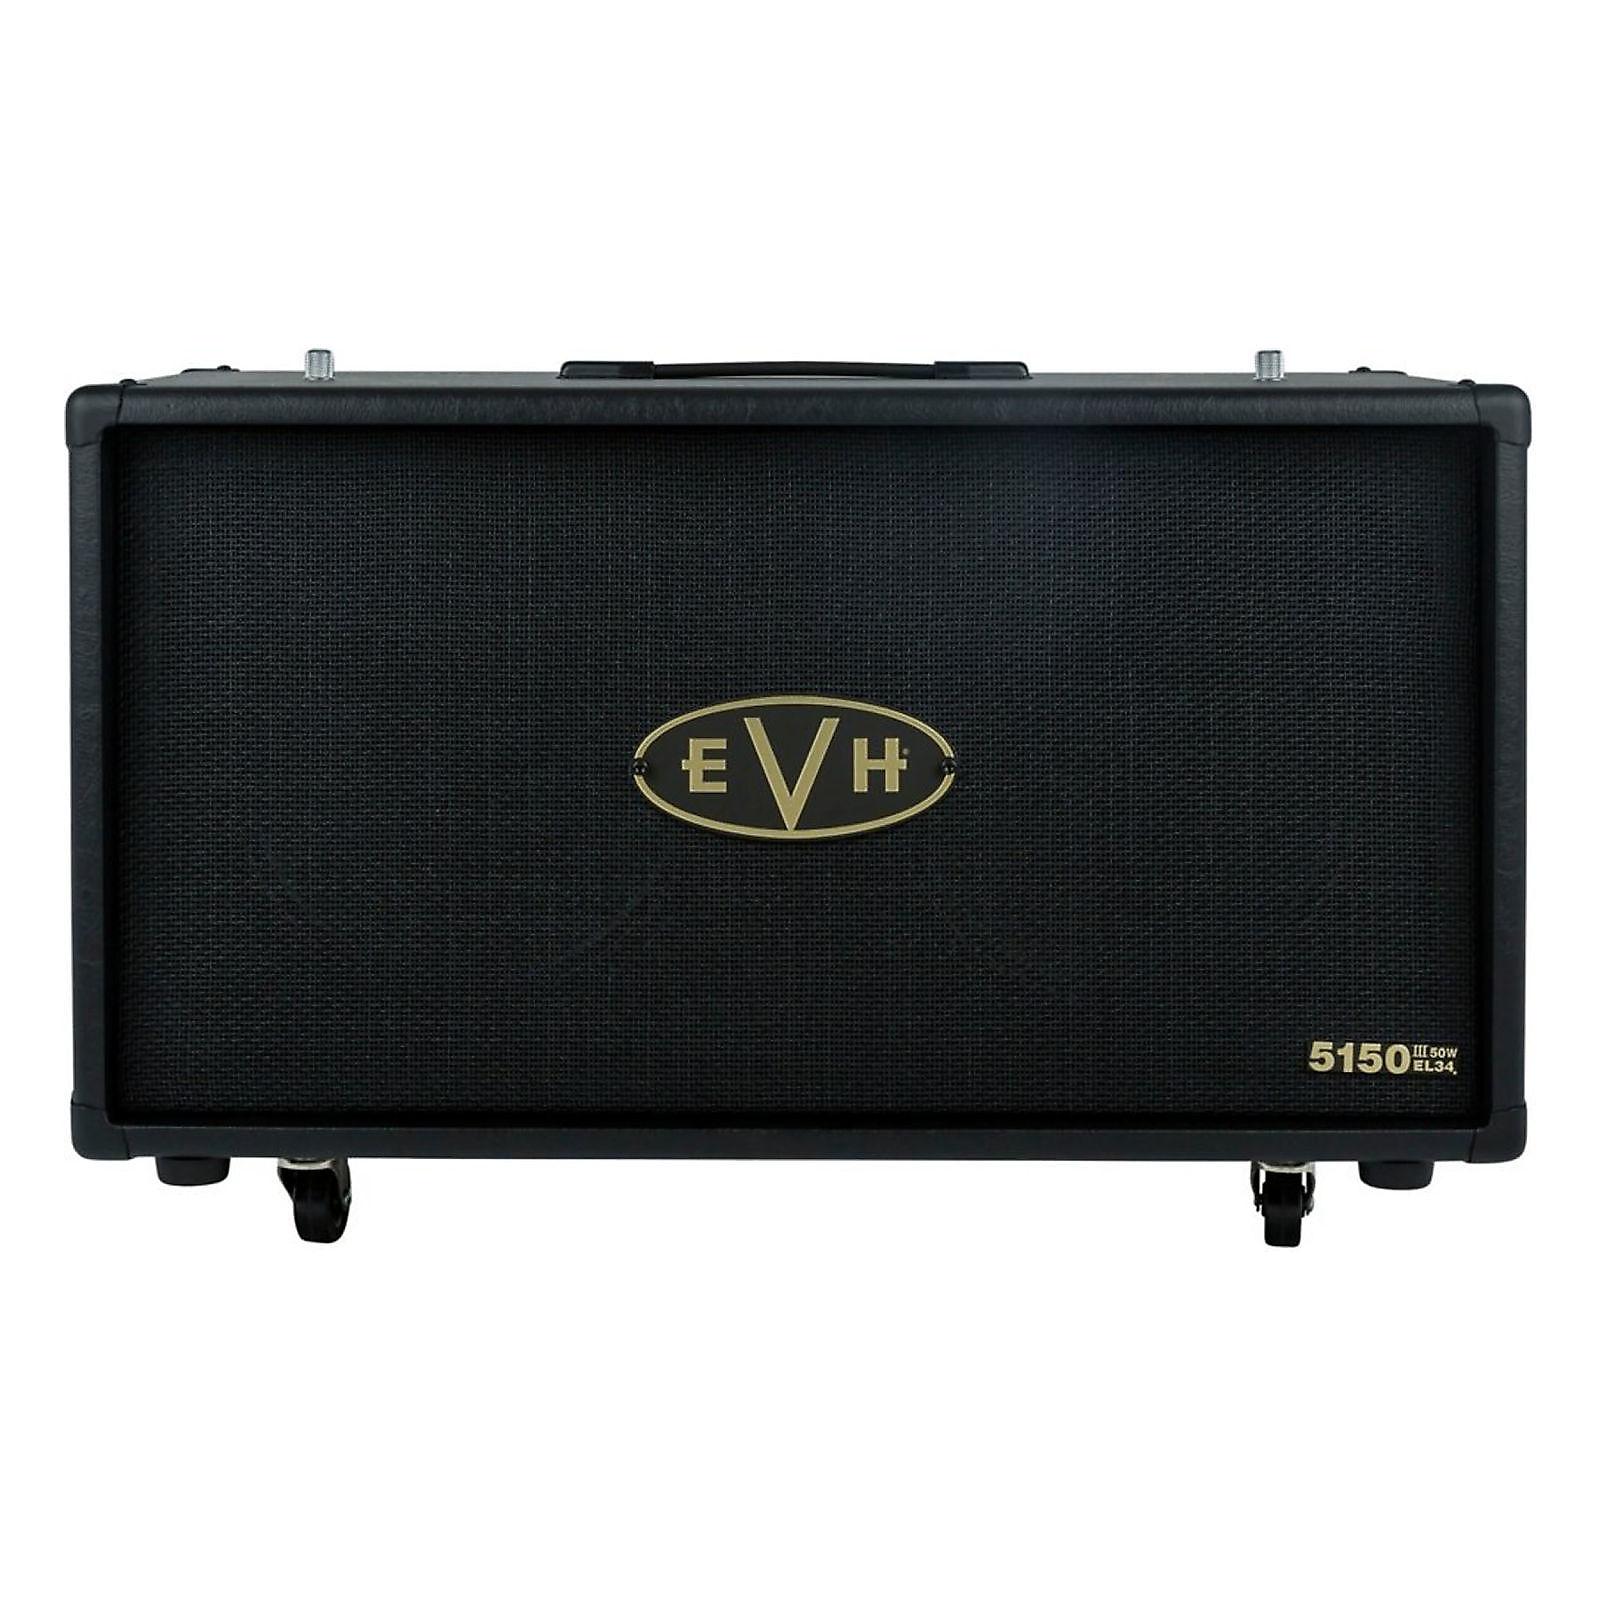 evh 5150 iii el34 212st reverb. Black Bedroom Furniture Sets. Home Design Ideas